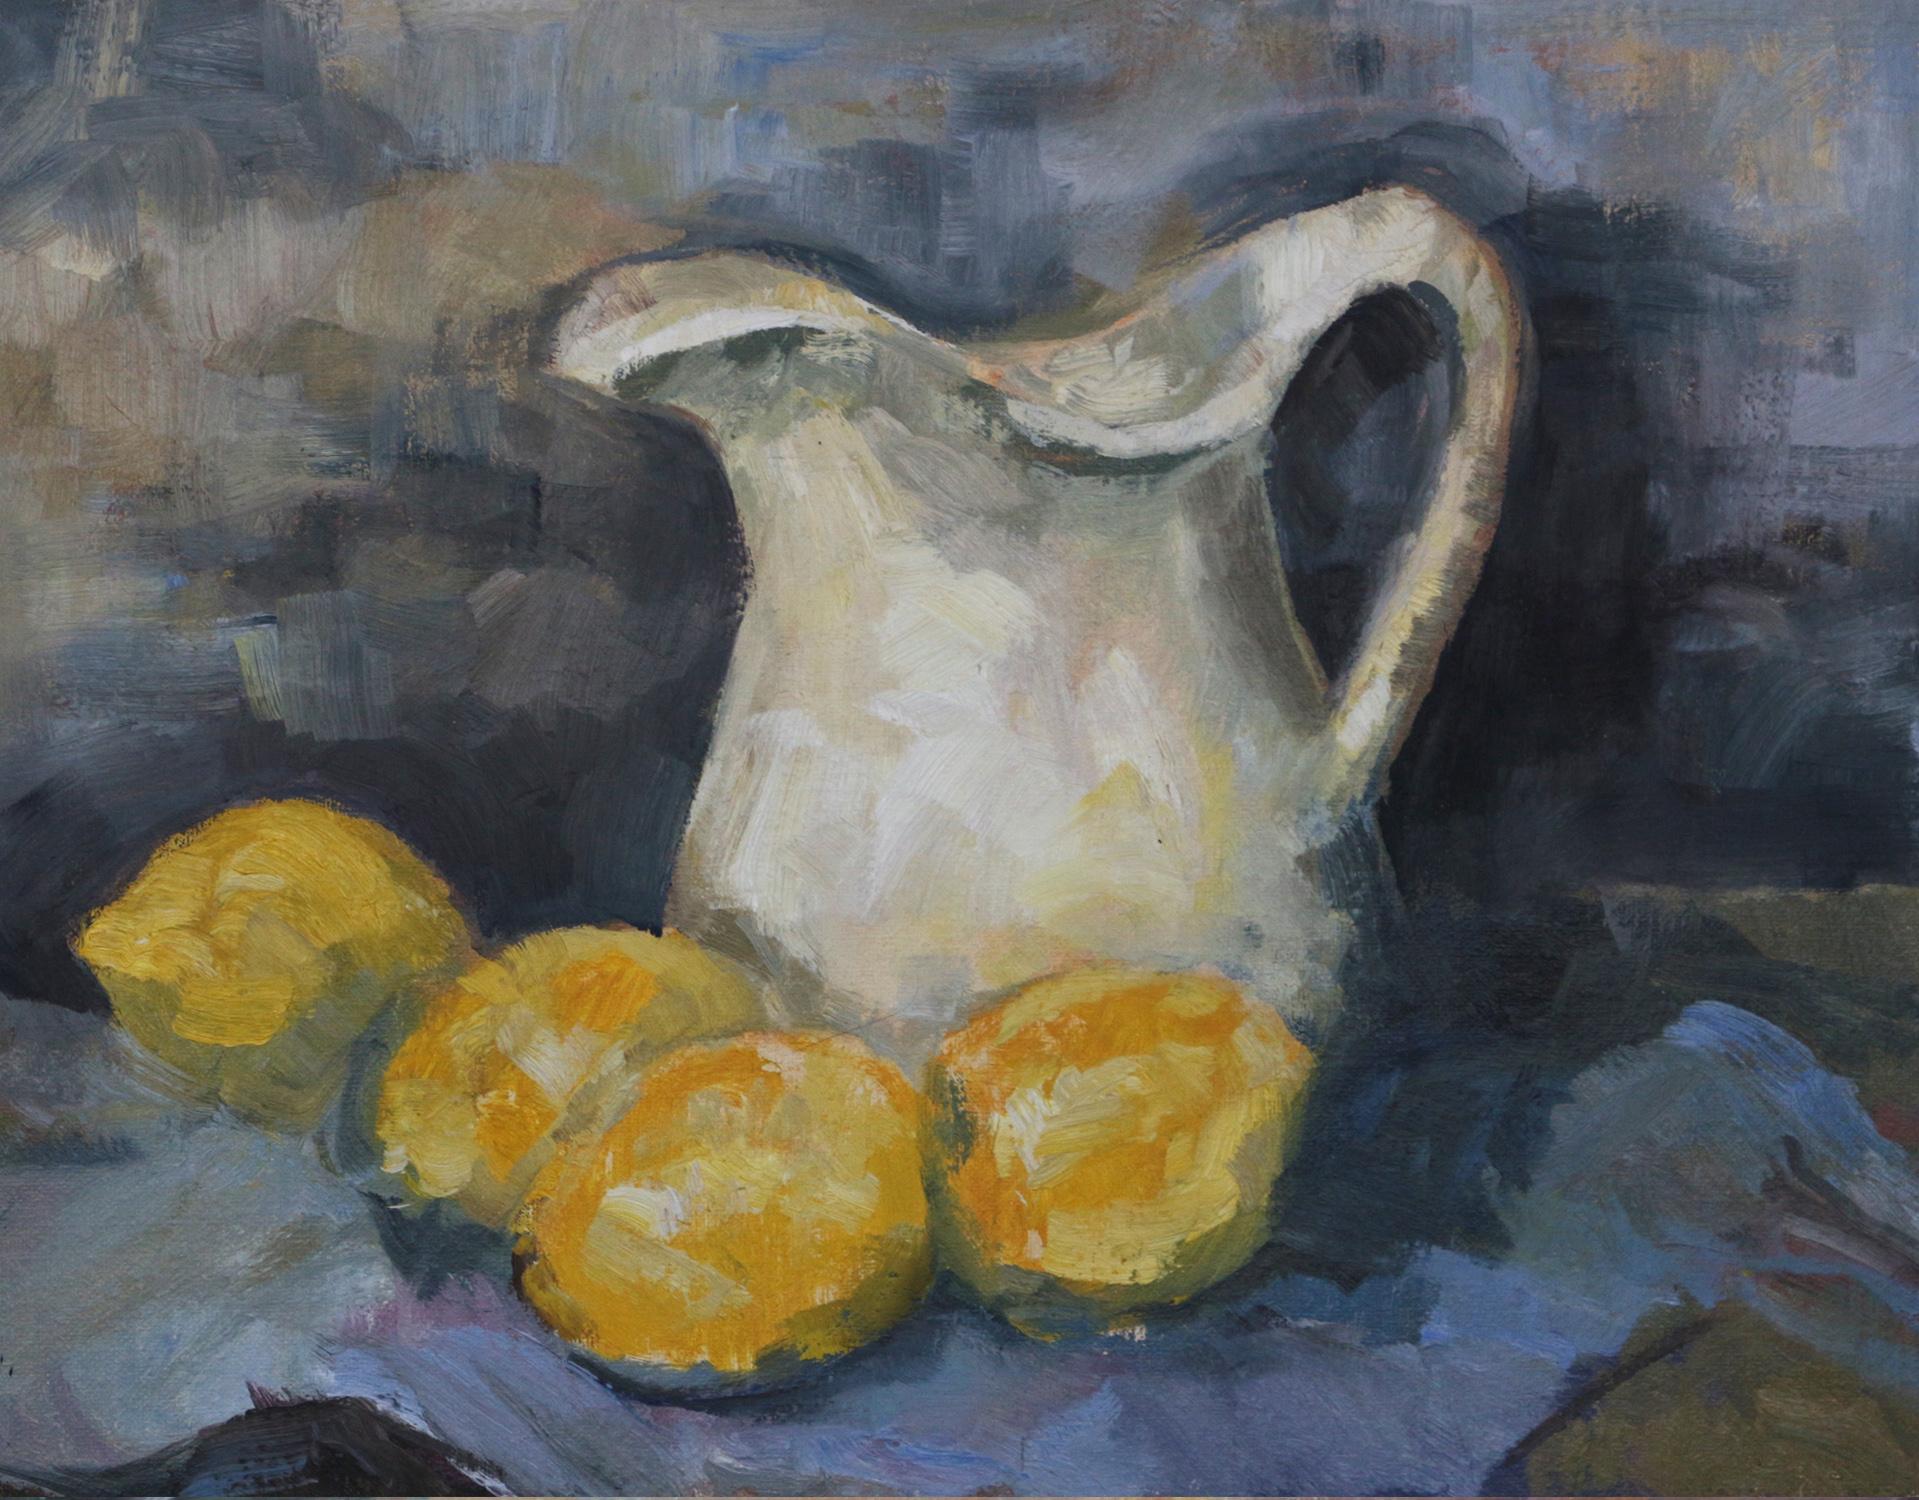 Making Lemonade*